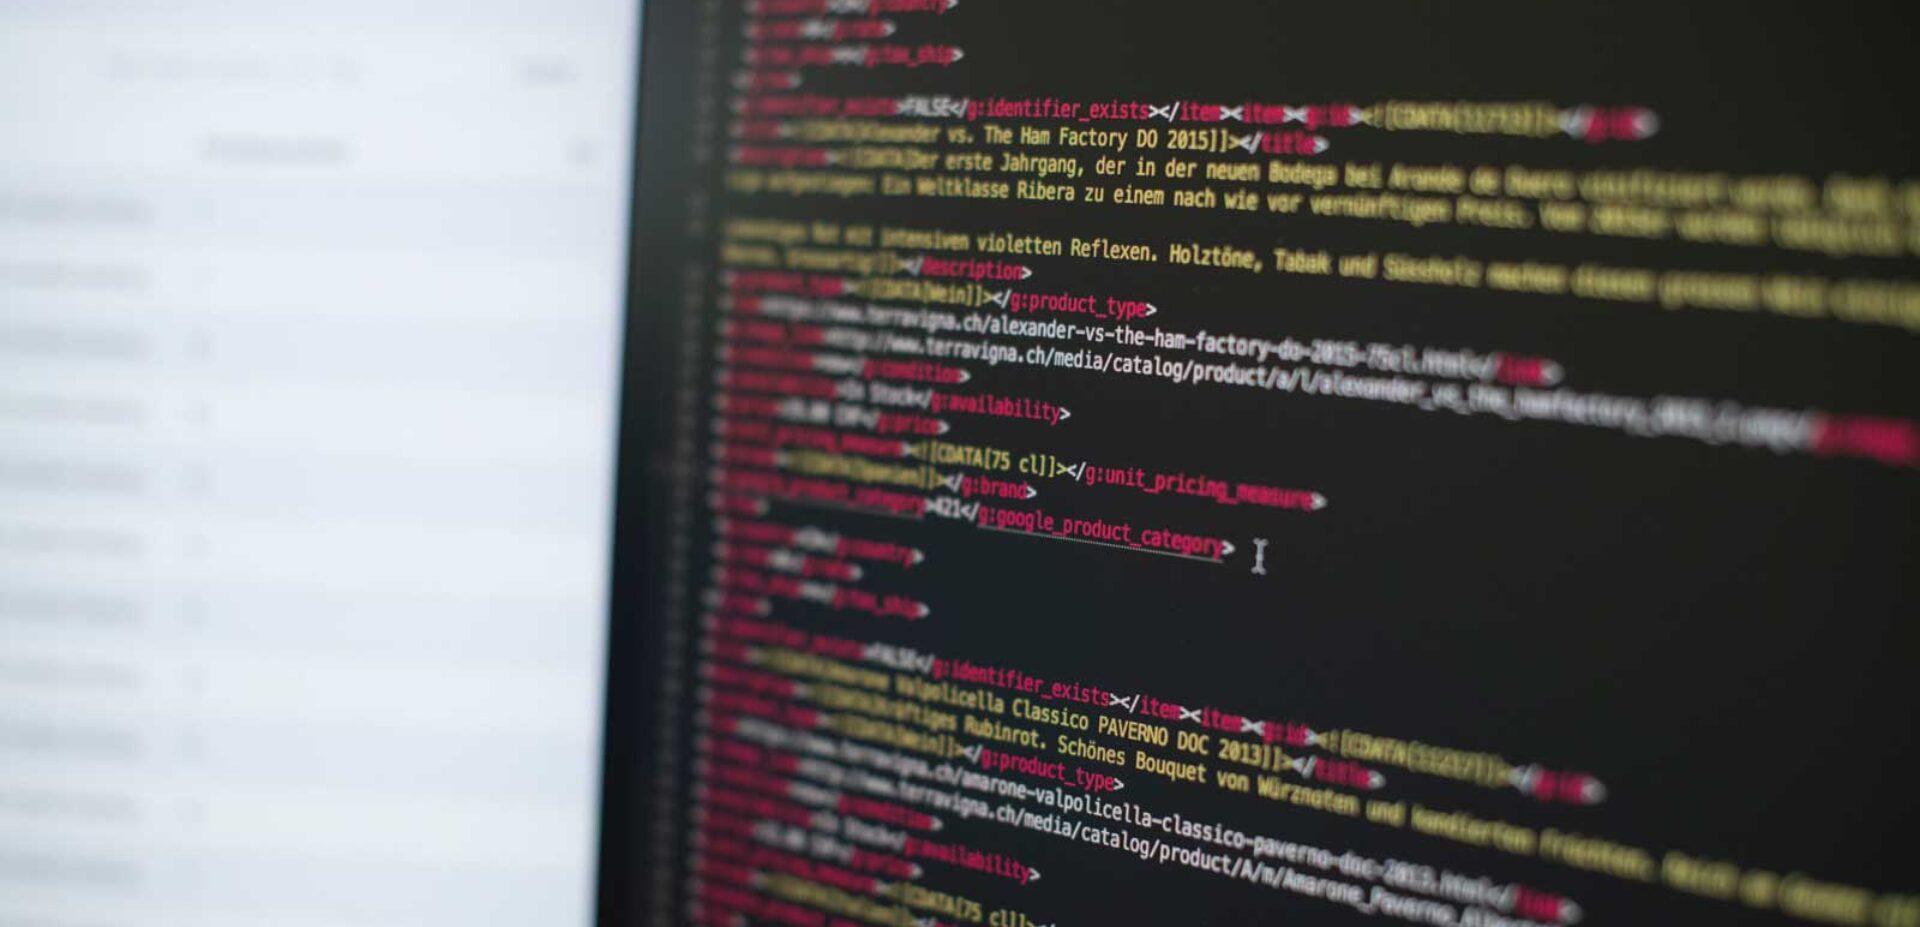 Detailaufnahme einer Code-Zeile